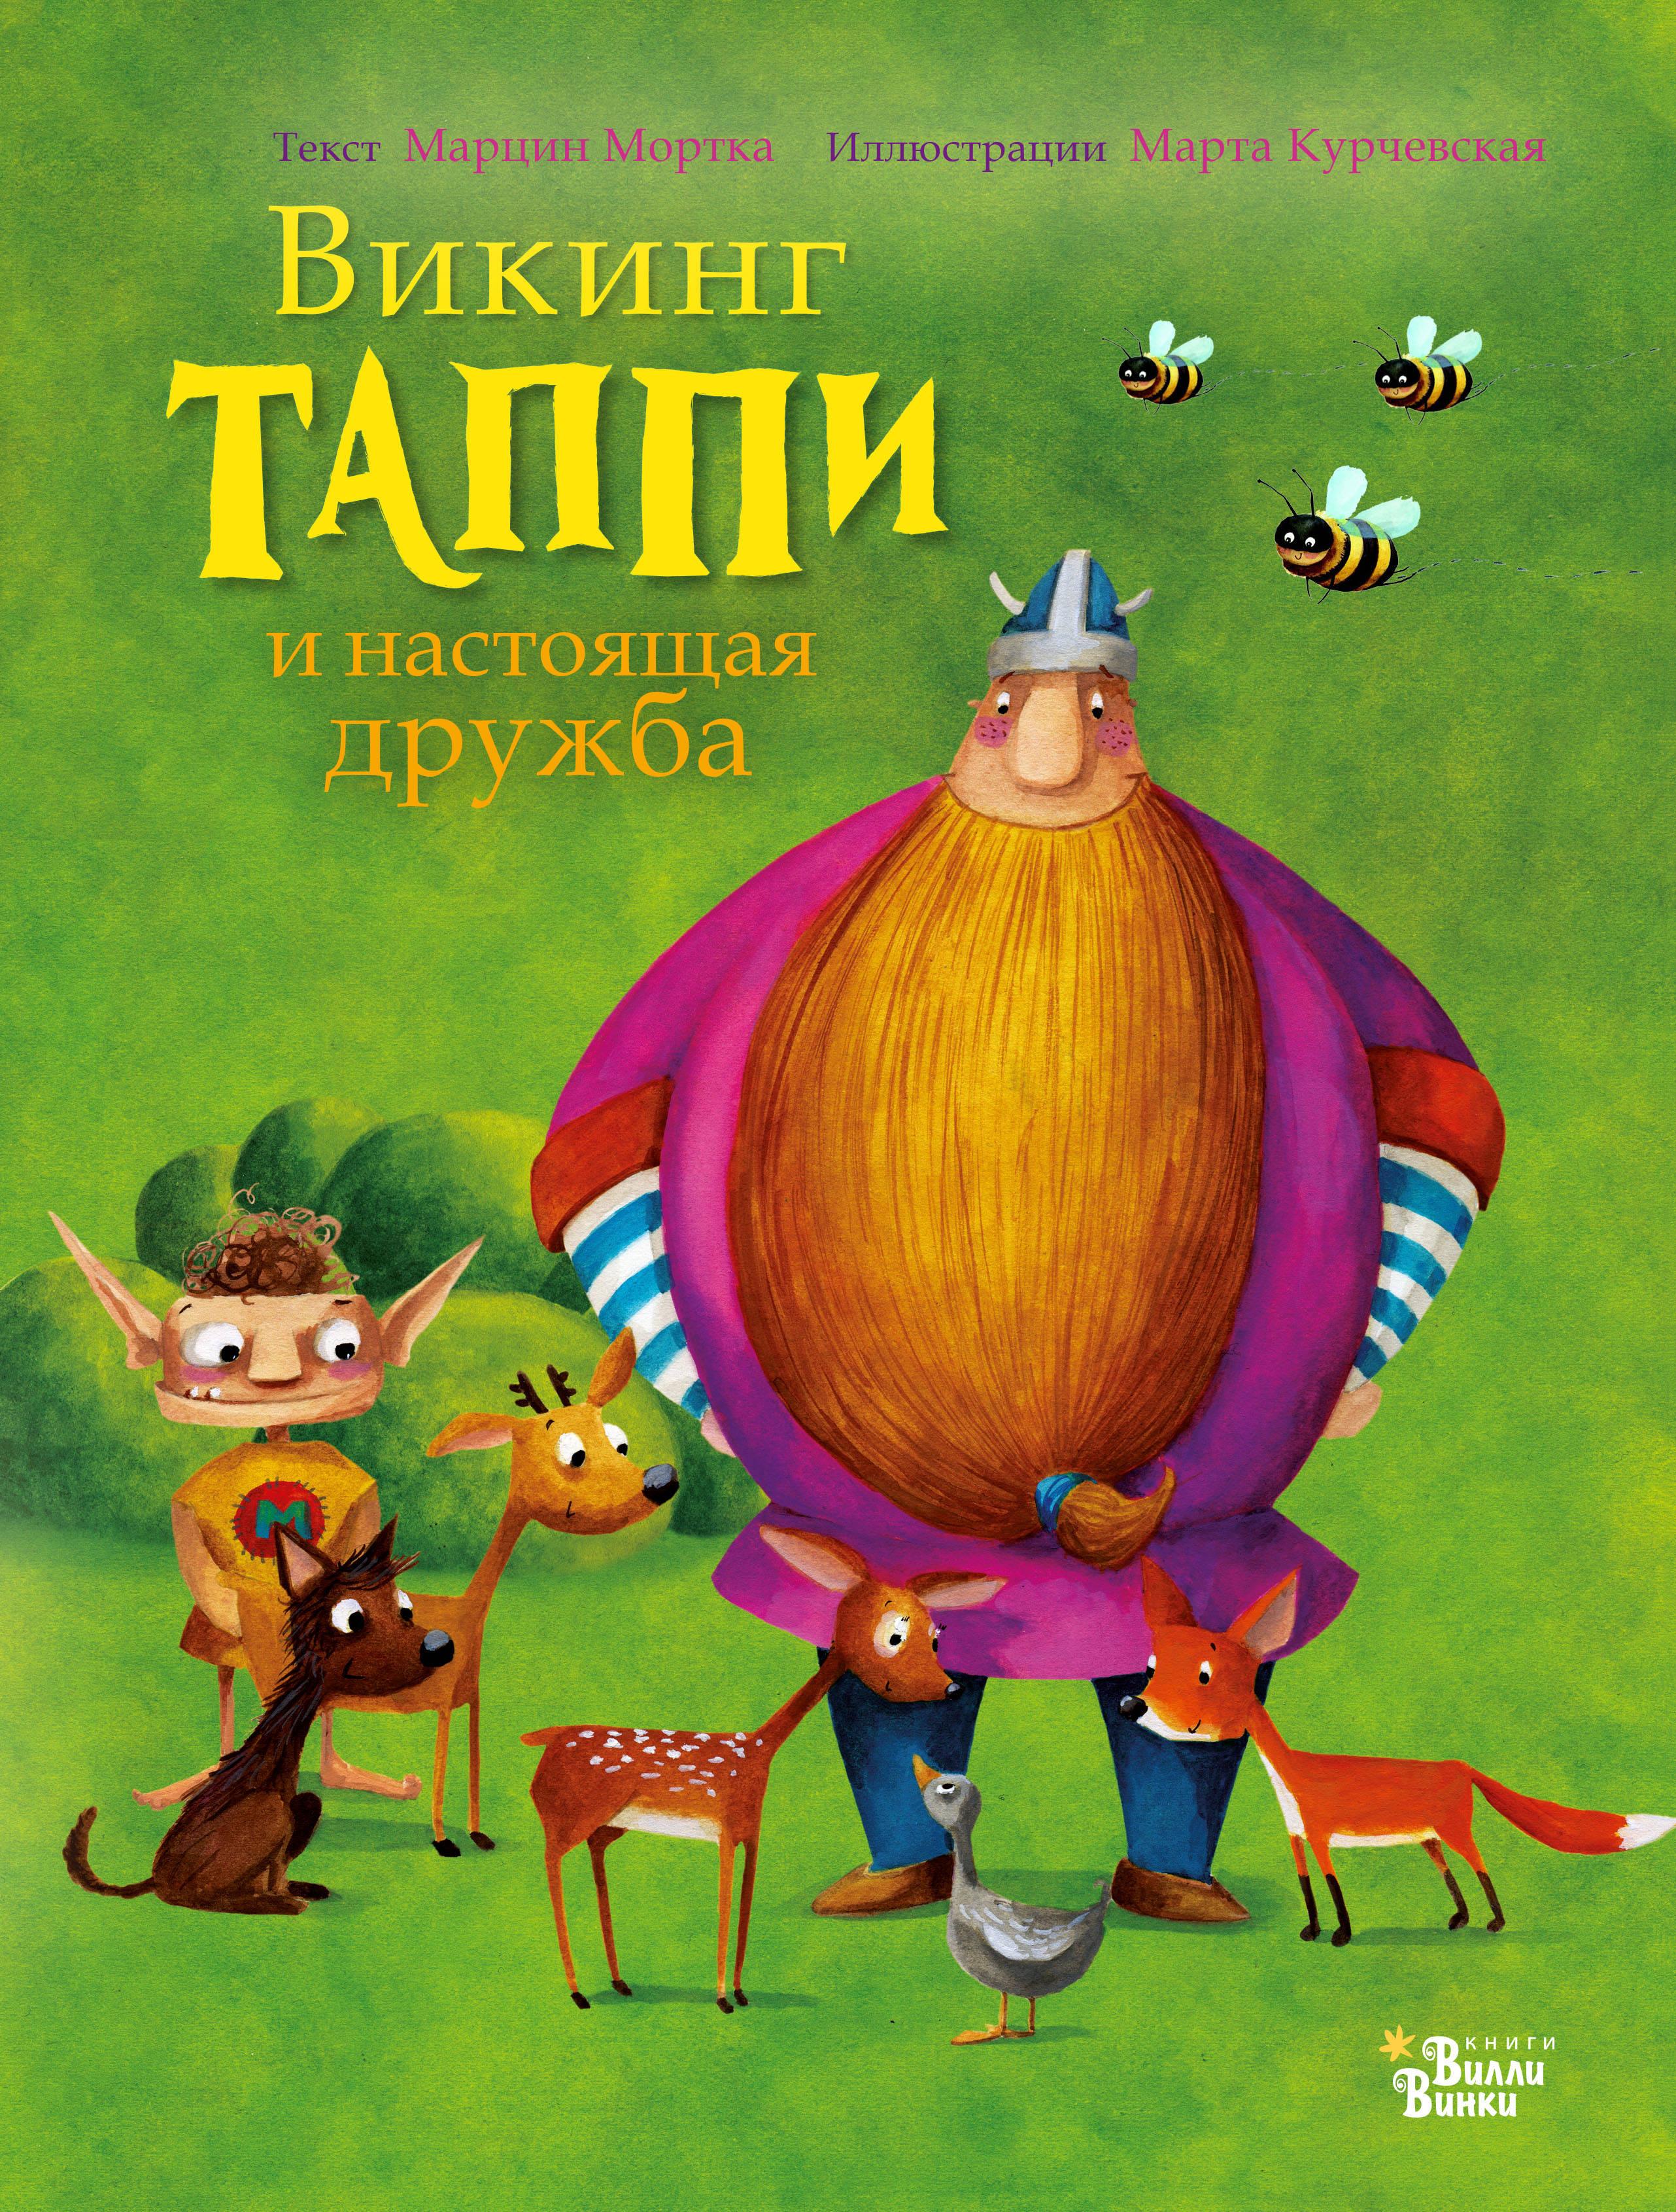 Viking Tappi i nastojaschaja druzhba